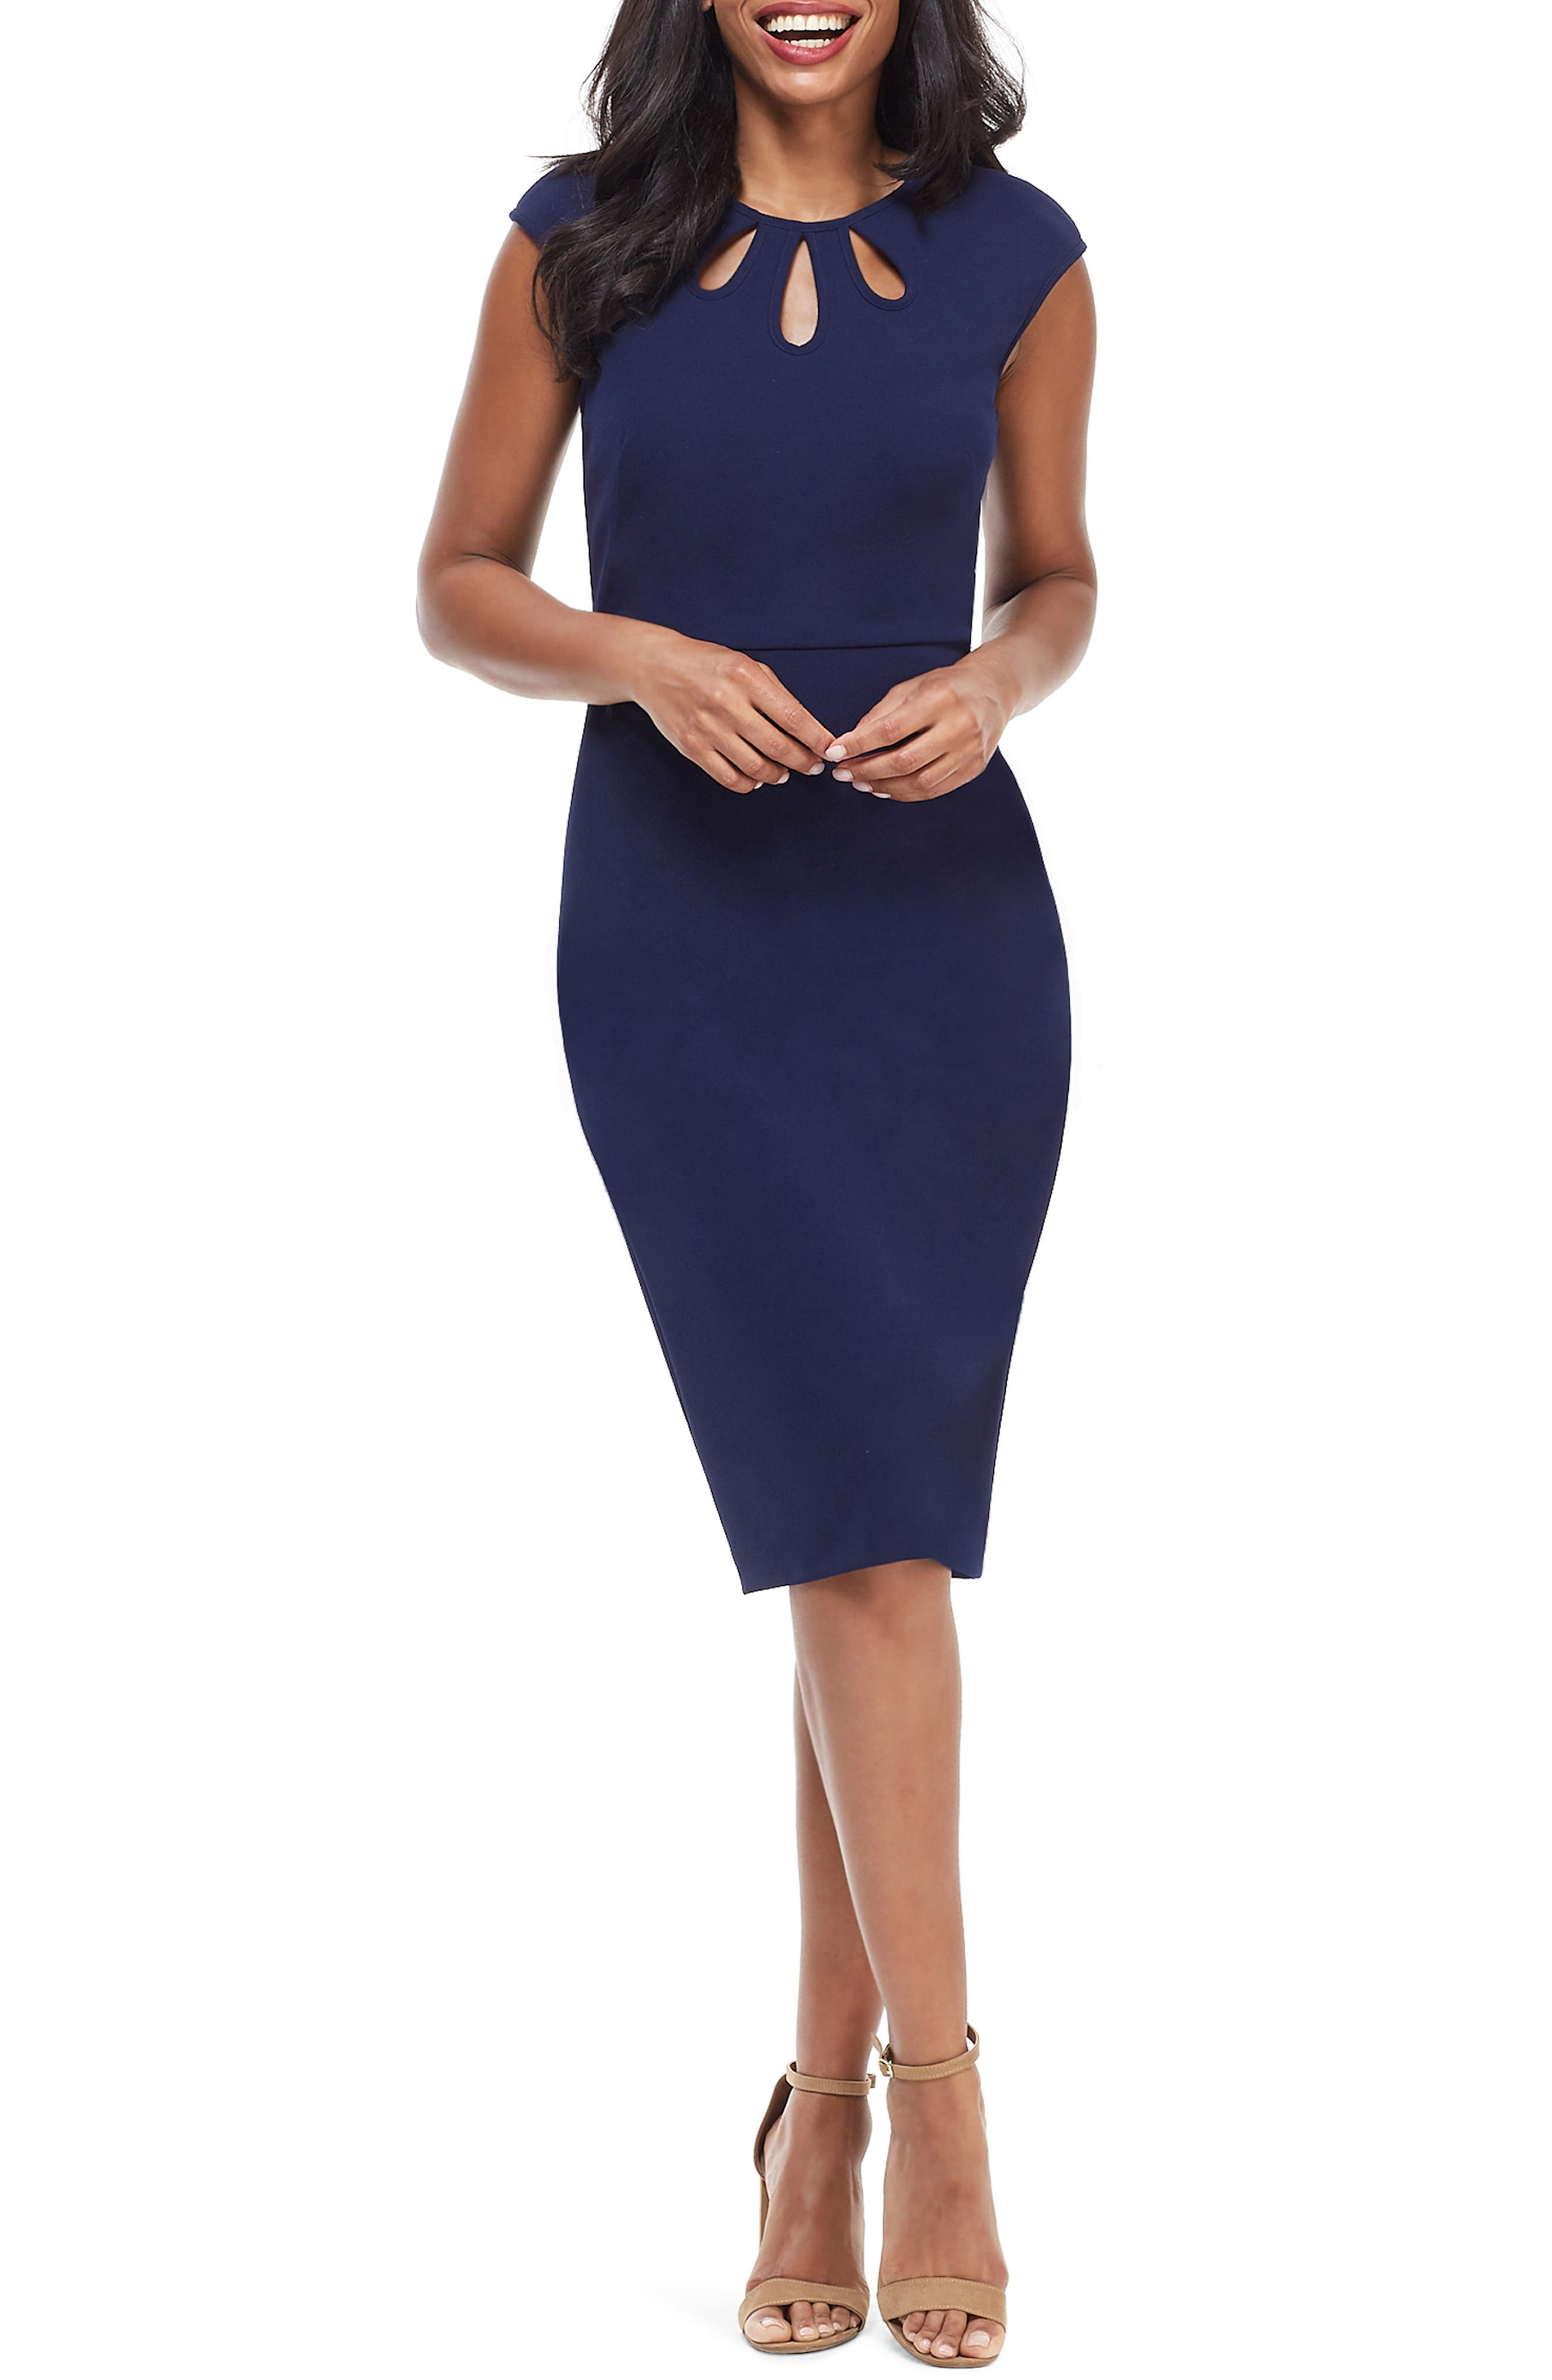 Maggy London Teardrop Jewel Neck Scuba Crepe Dress, Blue